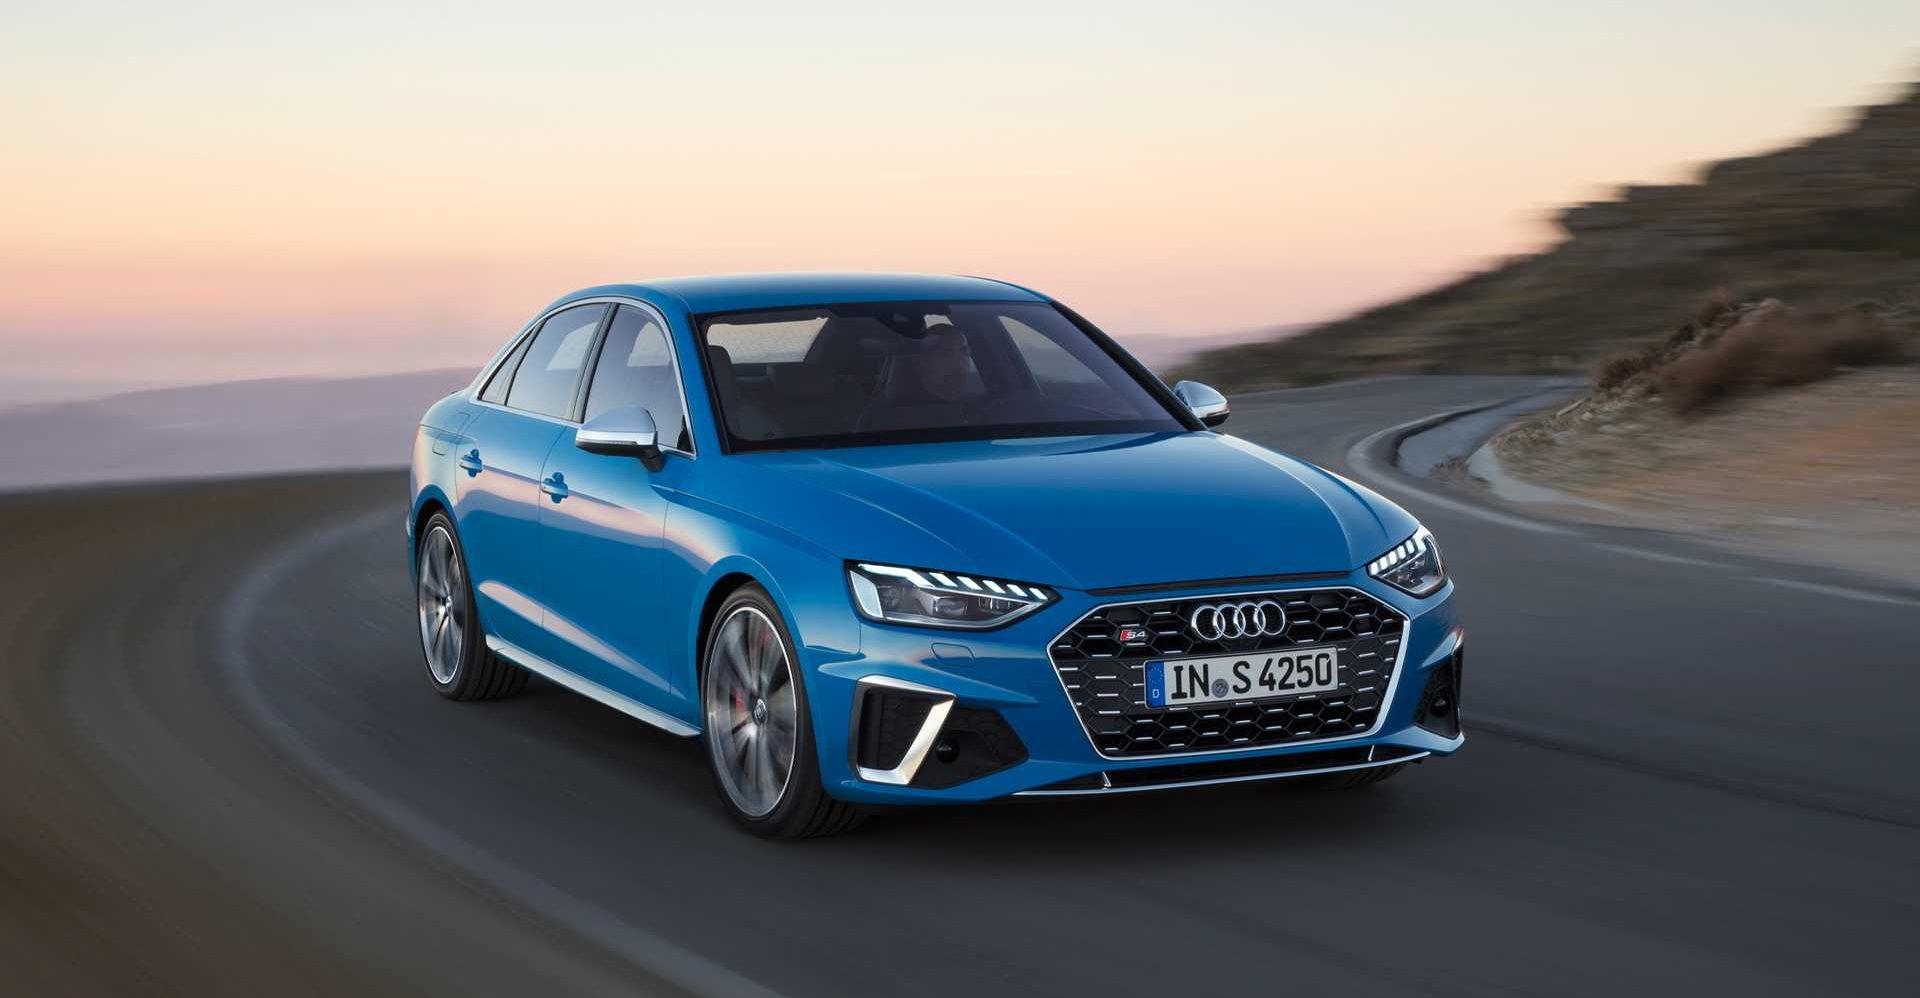 أودي ايه 4 الم حس نة للعام 2020 التفاصيل الأولية والأسعار Arabs Auto